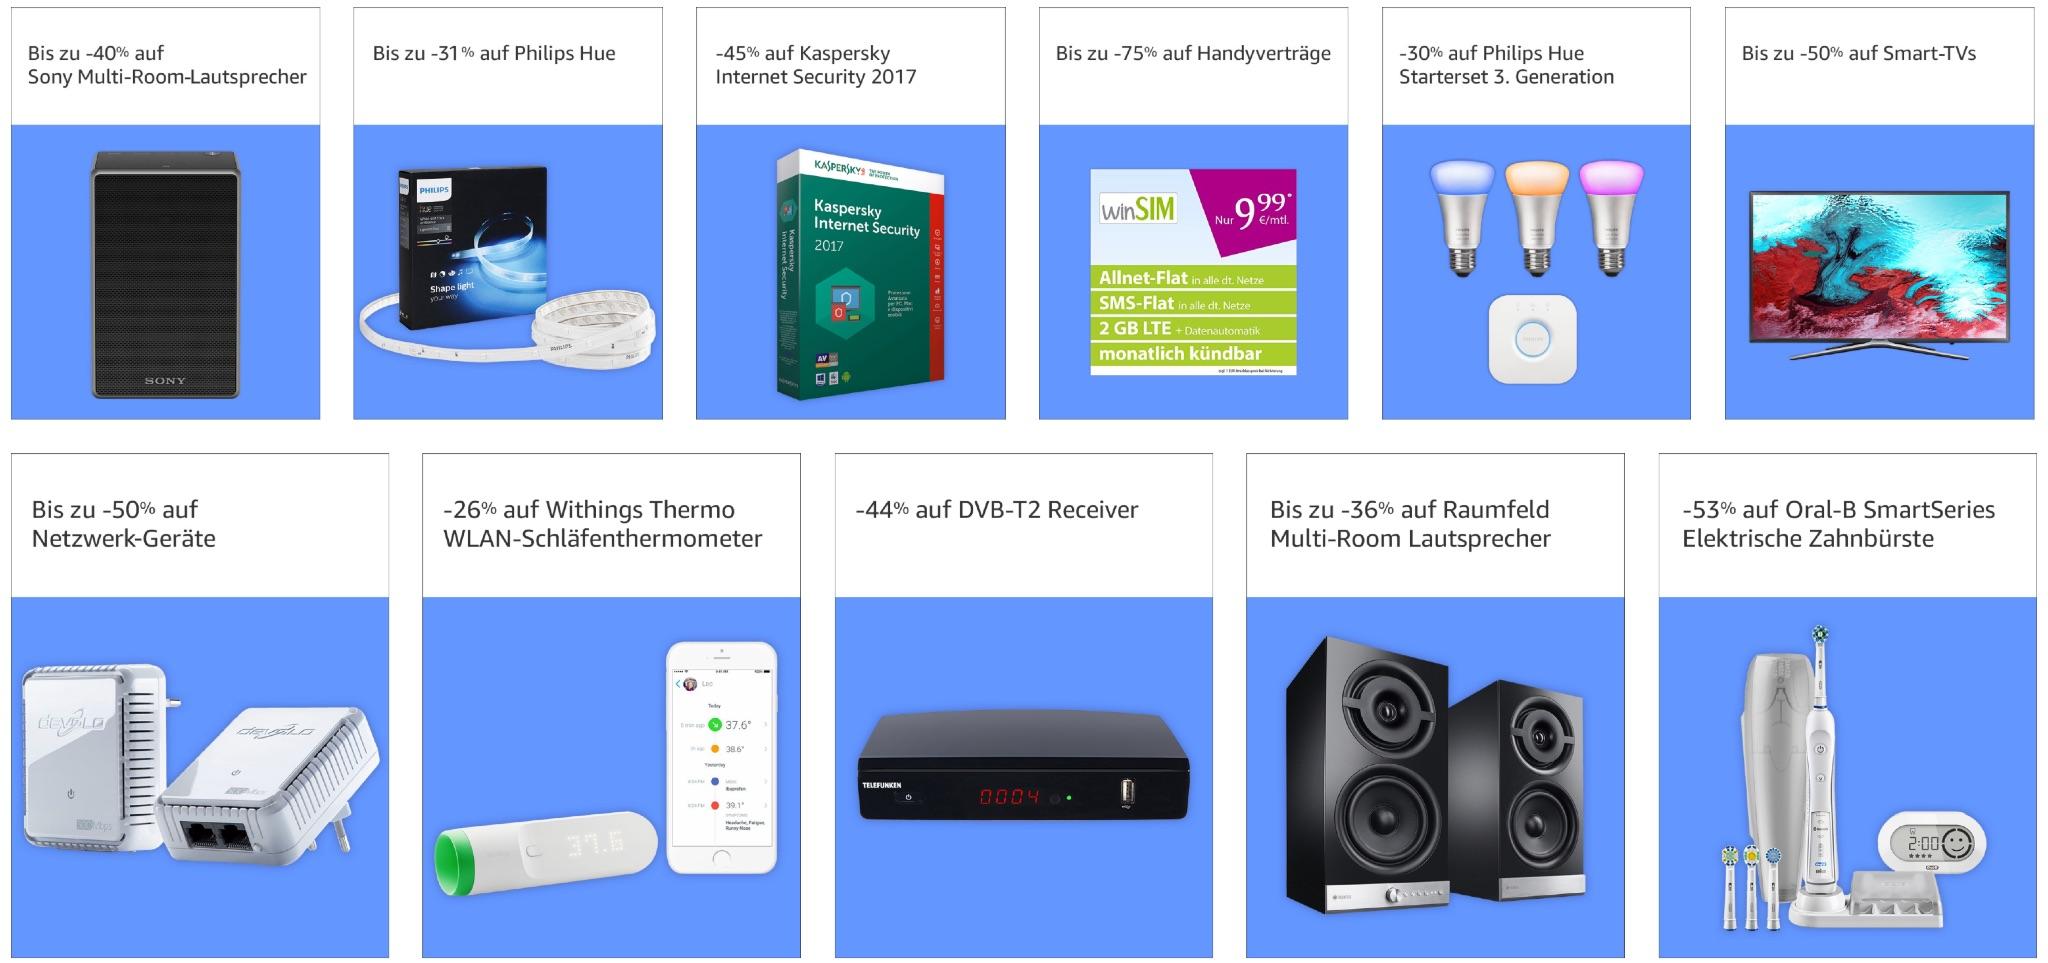 Smart Home Produkte : rabatt philips hue withings thermo raumfeld multiroom lautsprecher und weitere smart home ~ A.2002-acura-tl-radio.info Haus und Dekorationen